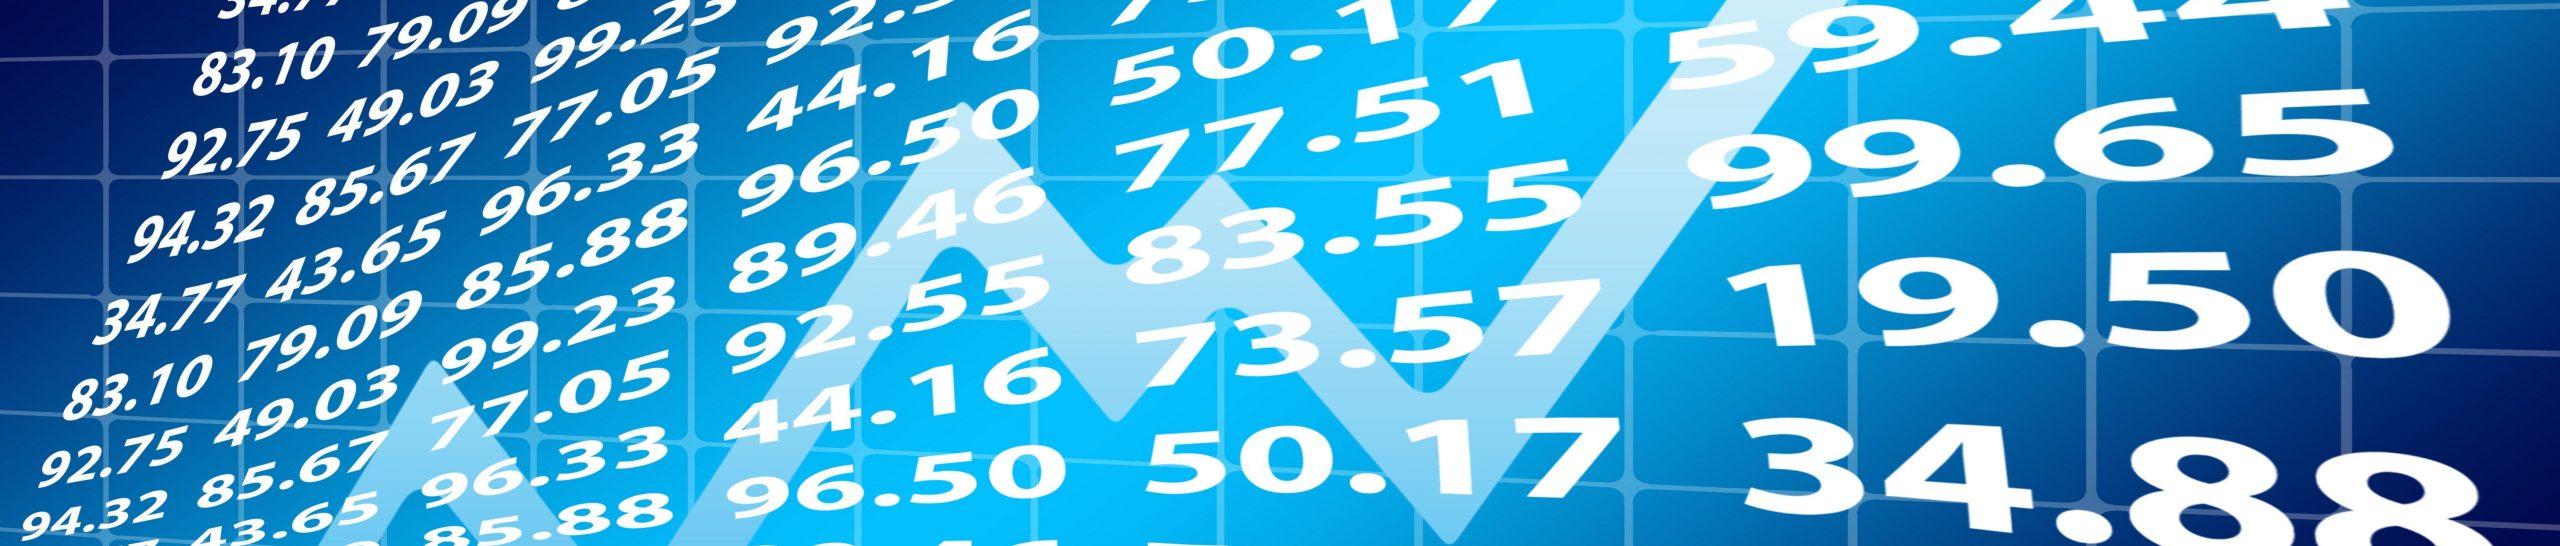 Premium Investment Portfolio Service